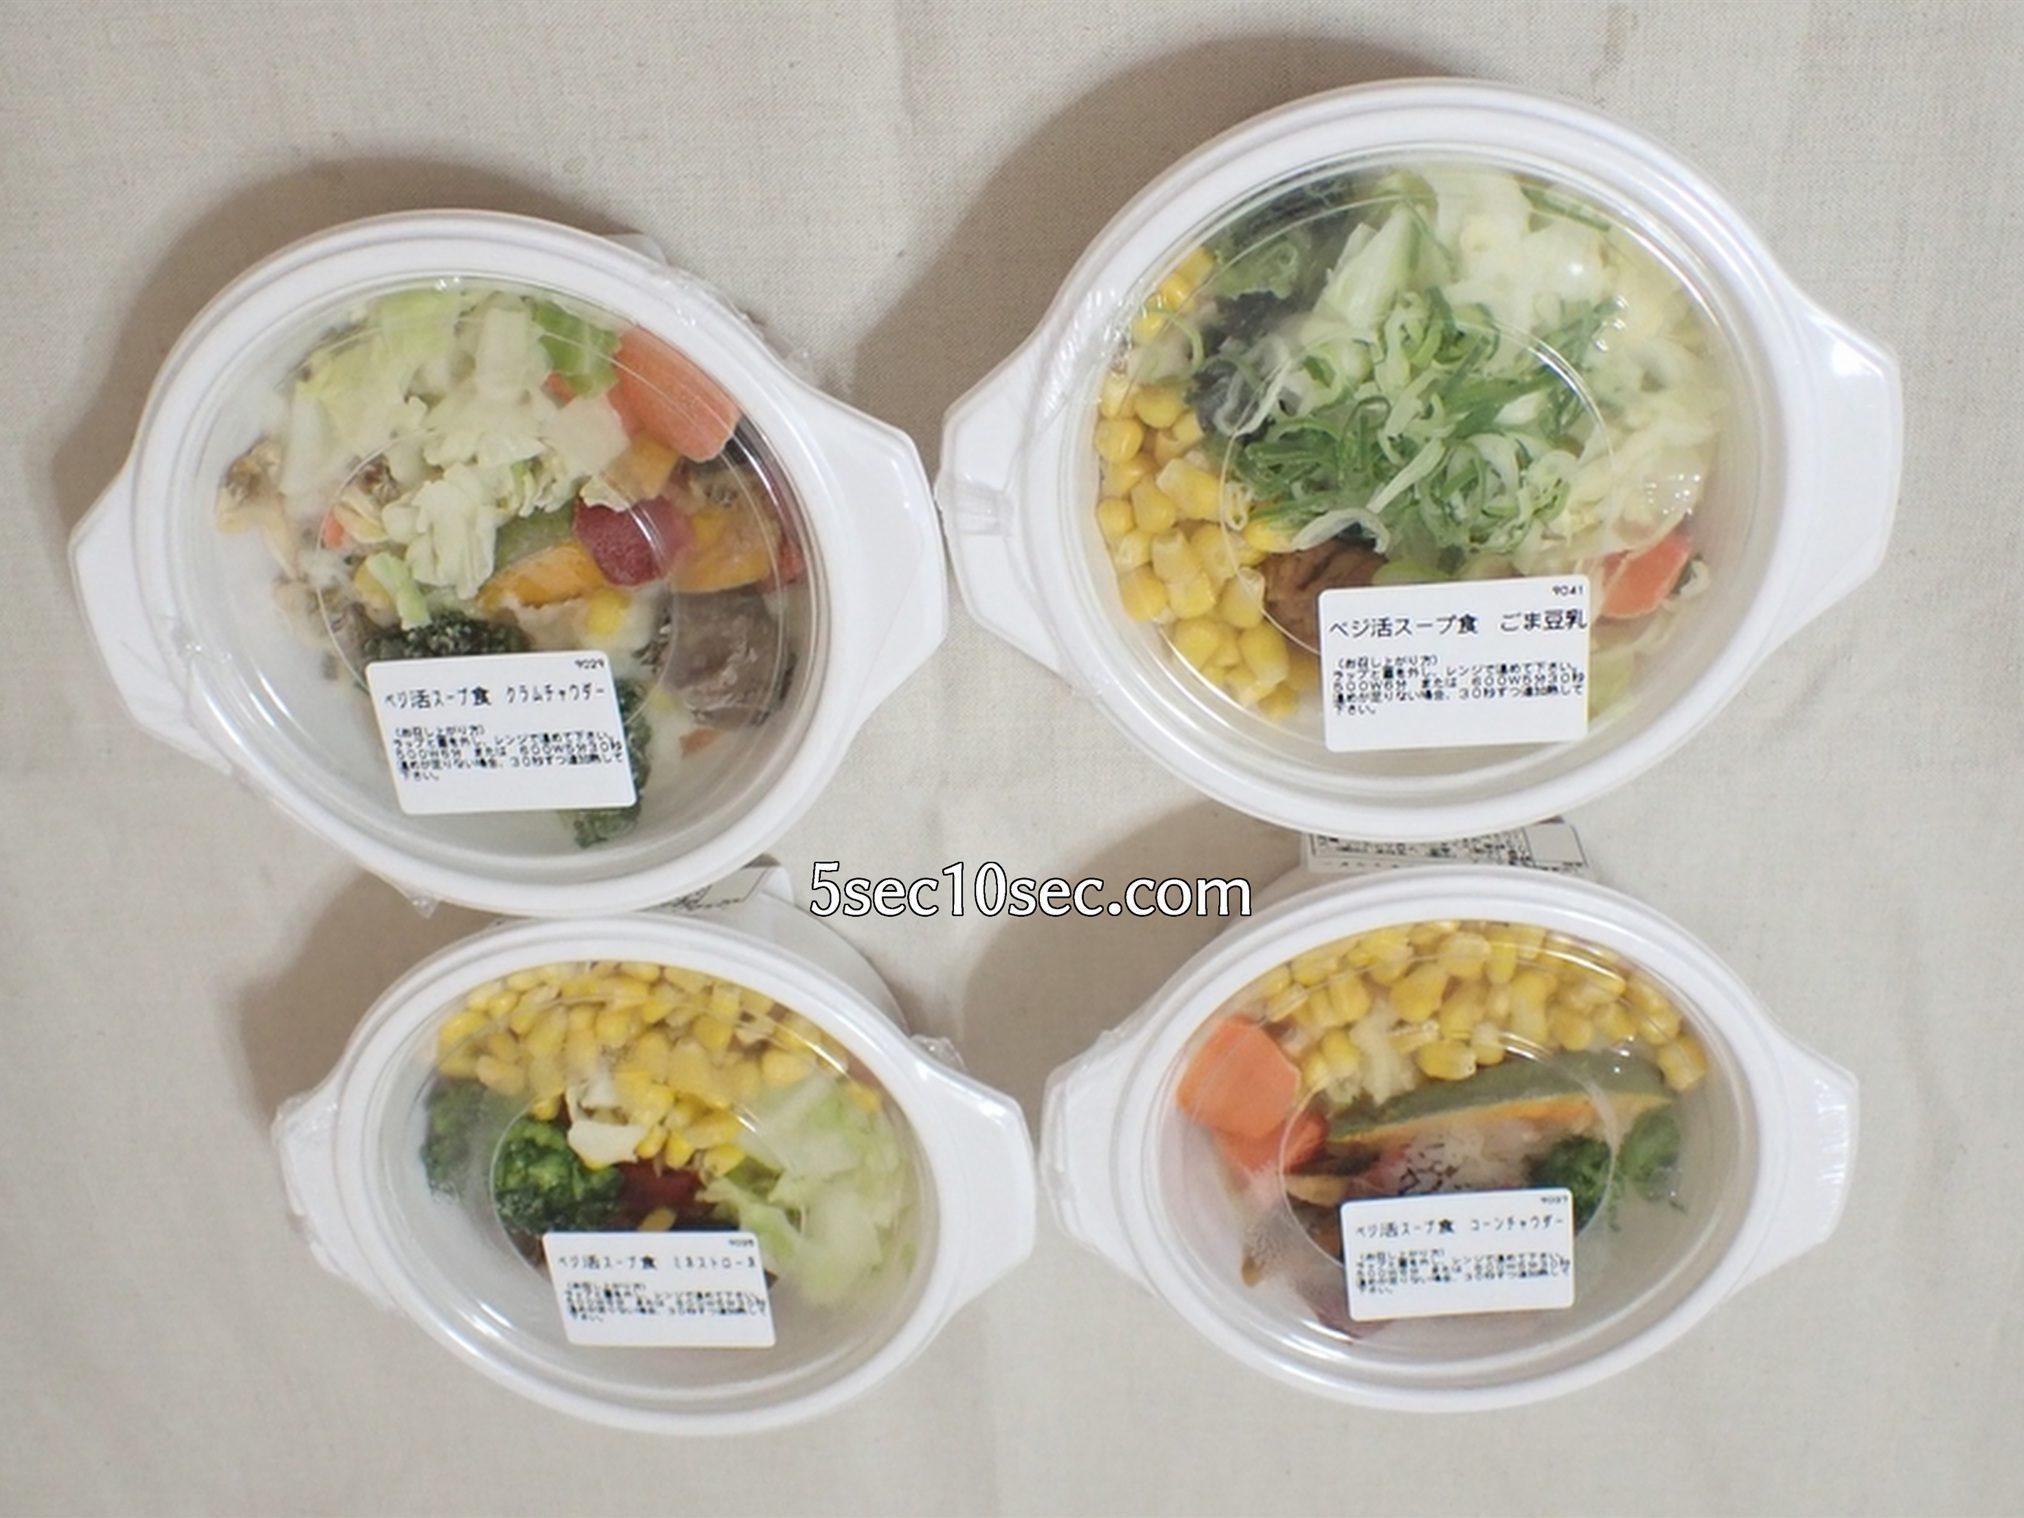 ウェルネスダイニング ベジ活スープ食 8個セットで一つ一つ違う種類、違う味になっています